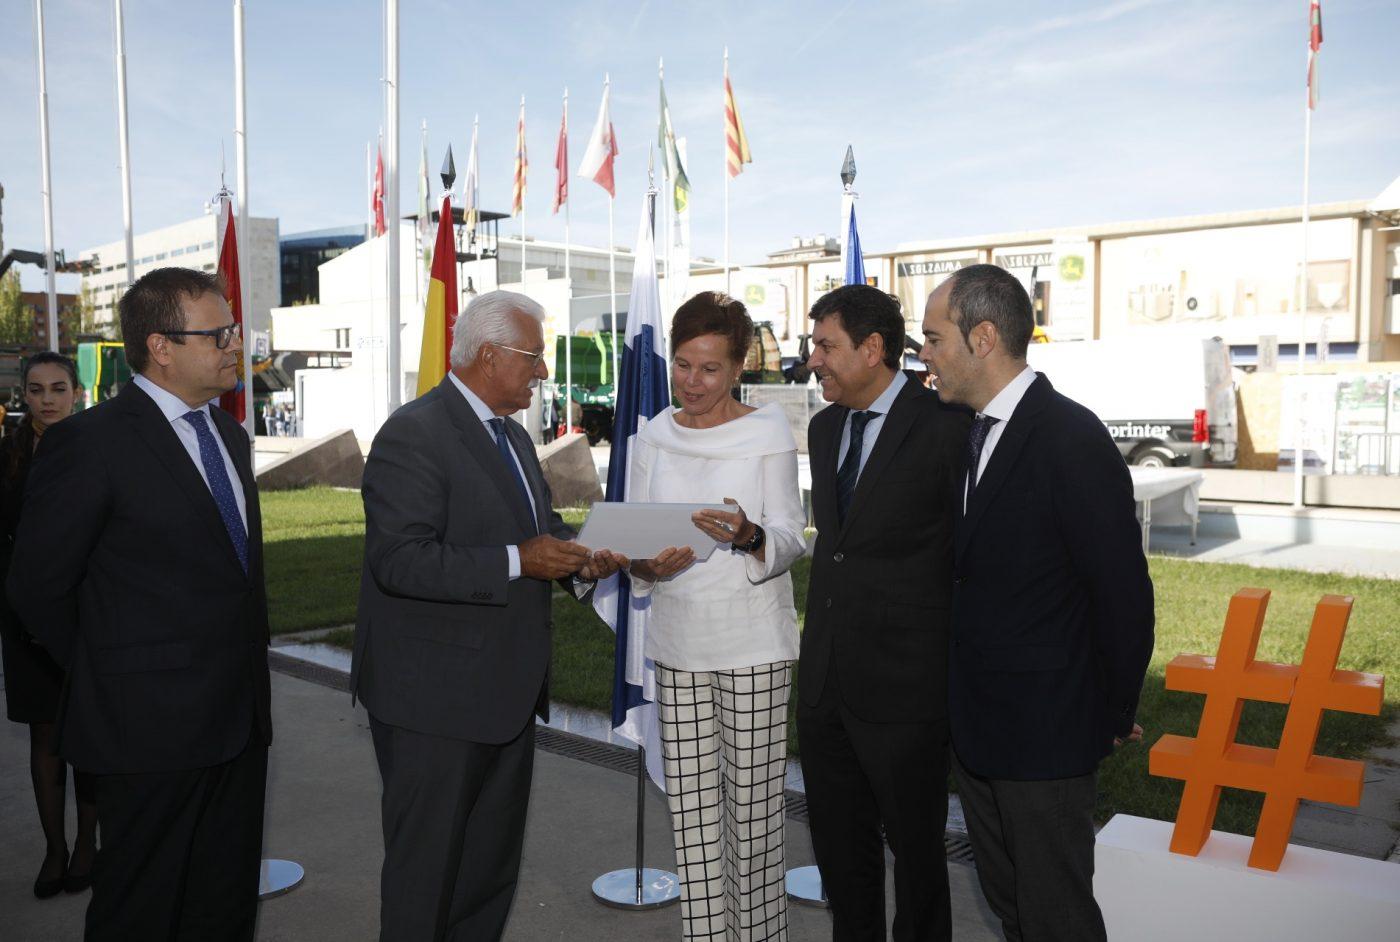 Empresas españolas y finlandesas celebraron más de 300 reuniones B2B en EXPOBIOMASA